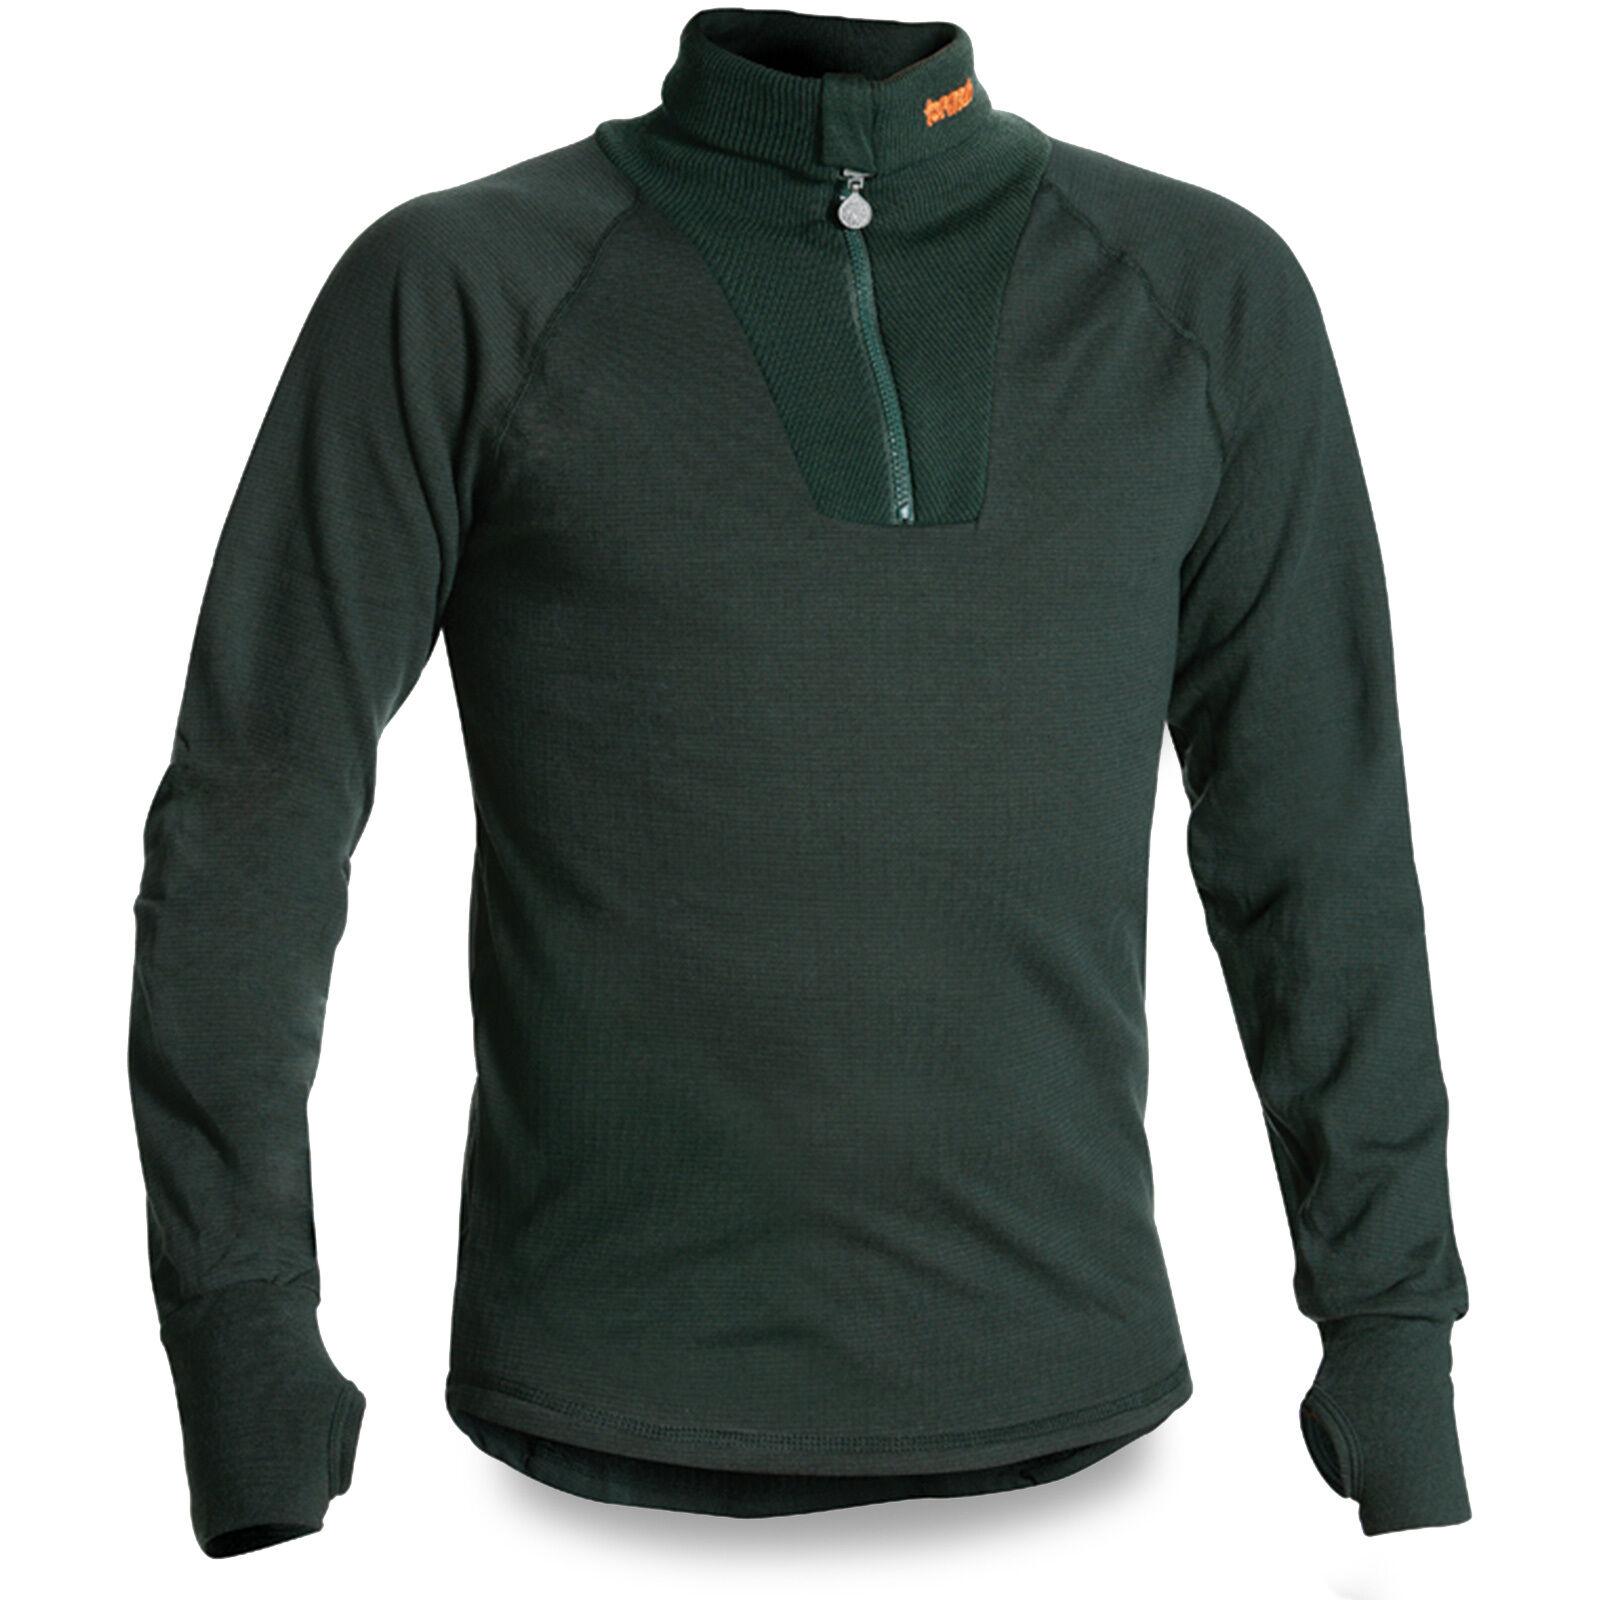 Termo original militaire lourd armée chaud thermique couche de base sous shirt top vert